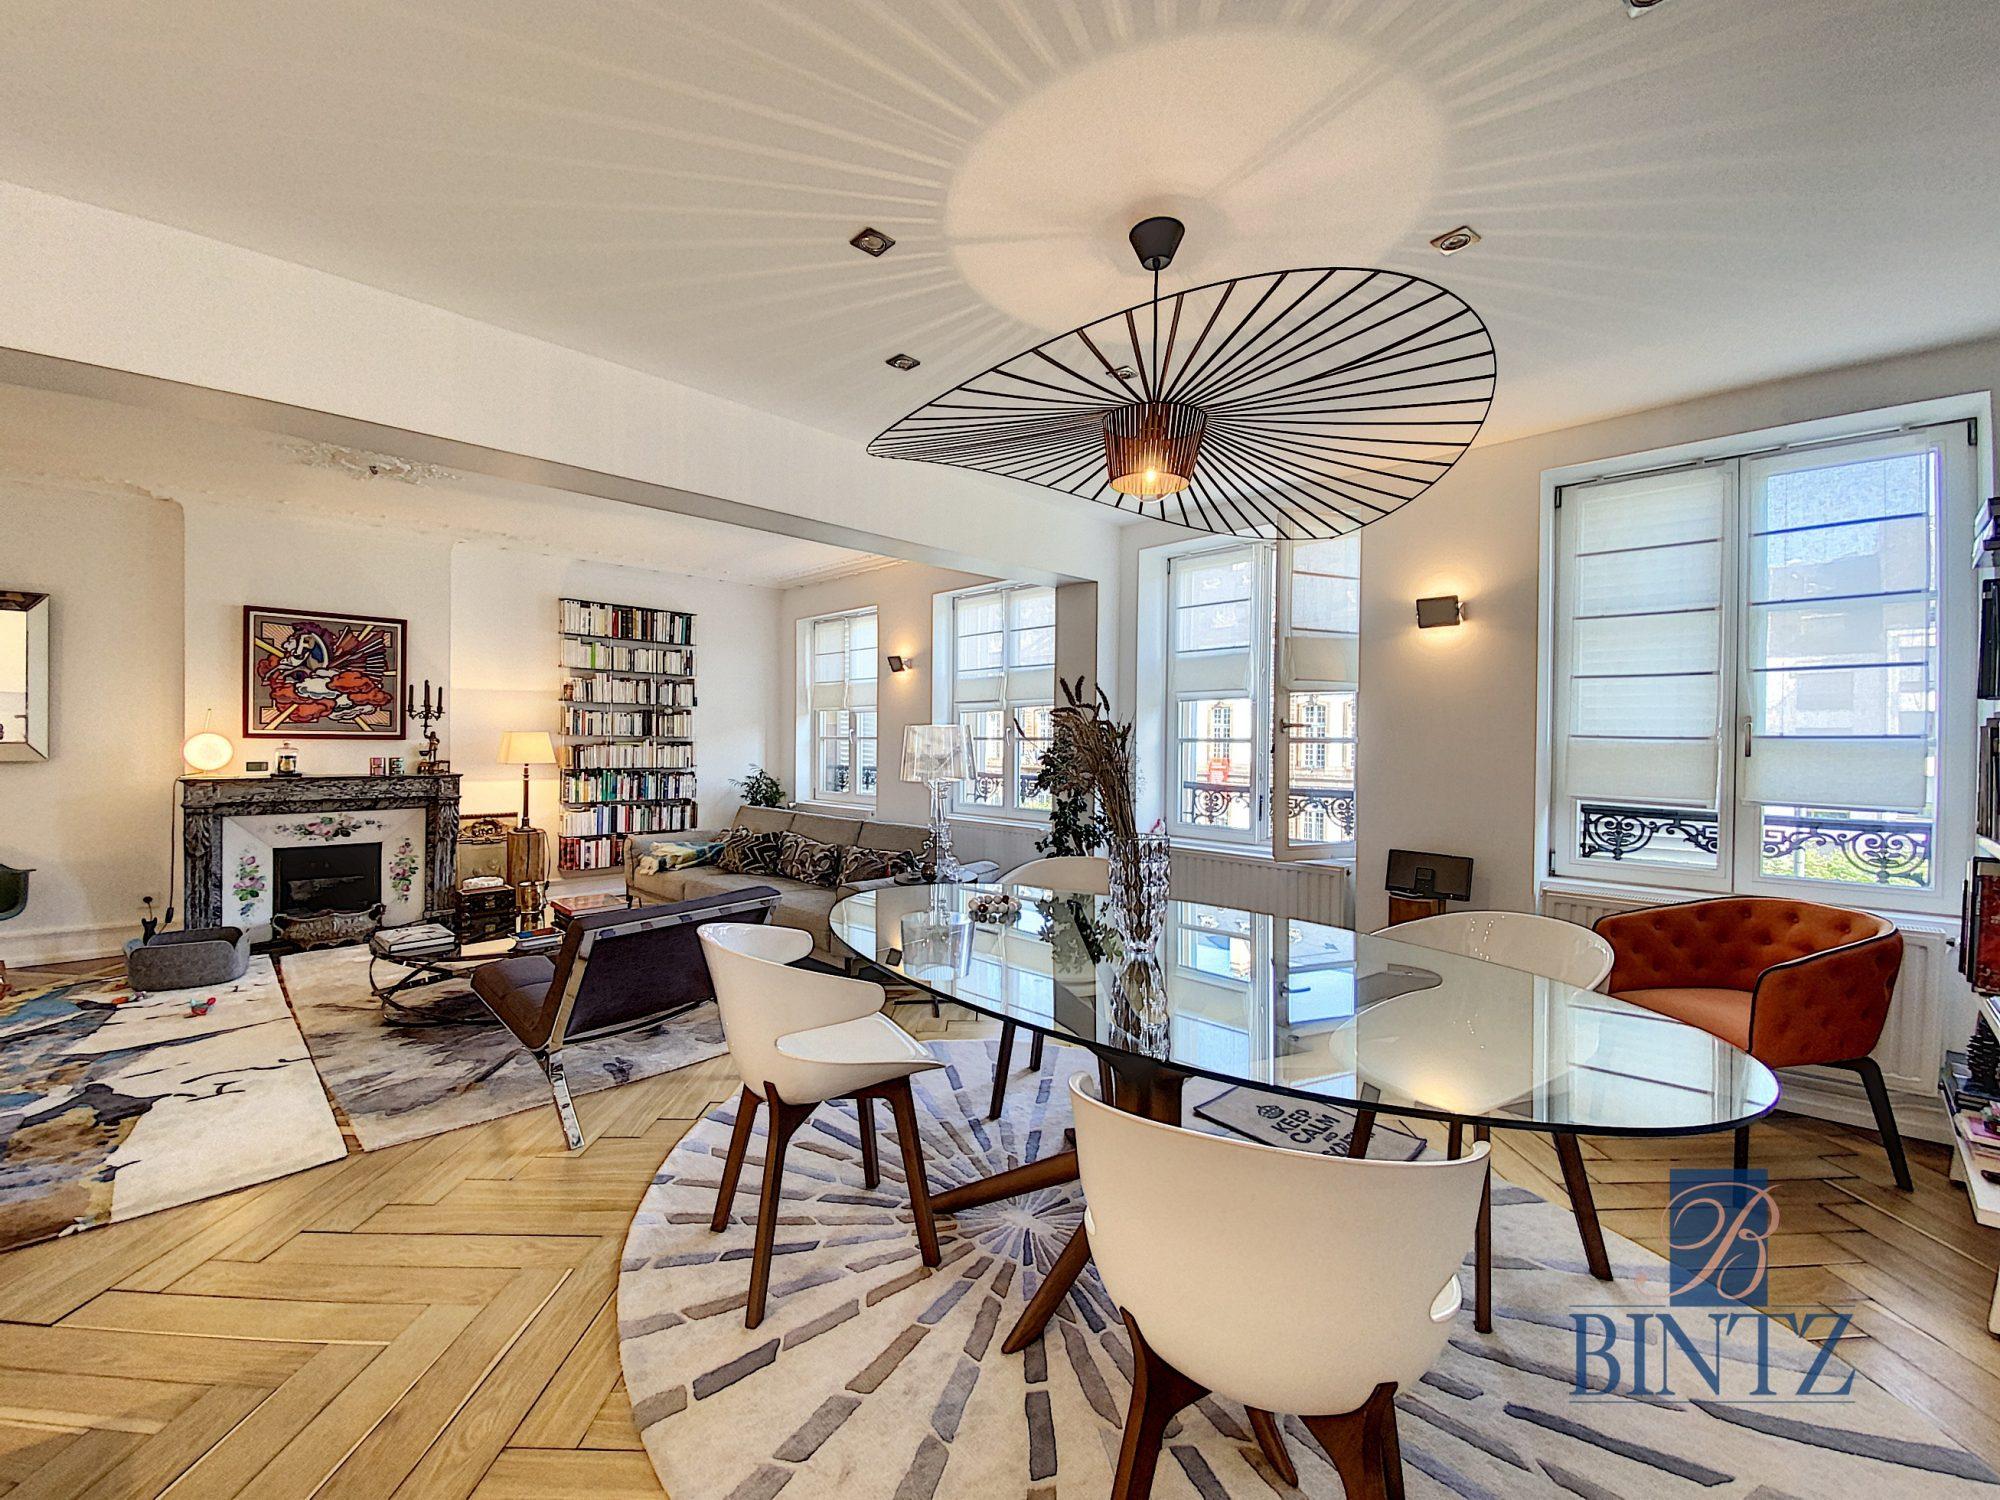 5 pièces d'exception face à la mairie - Devenez locataire en toute sérénité - Bintz Immobilier - 2